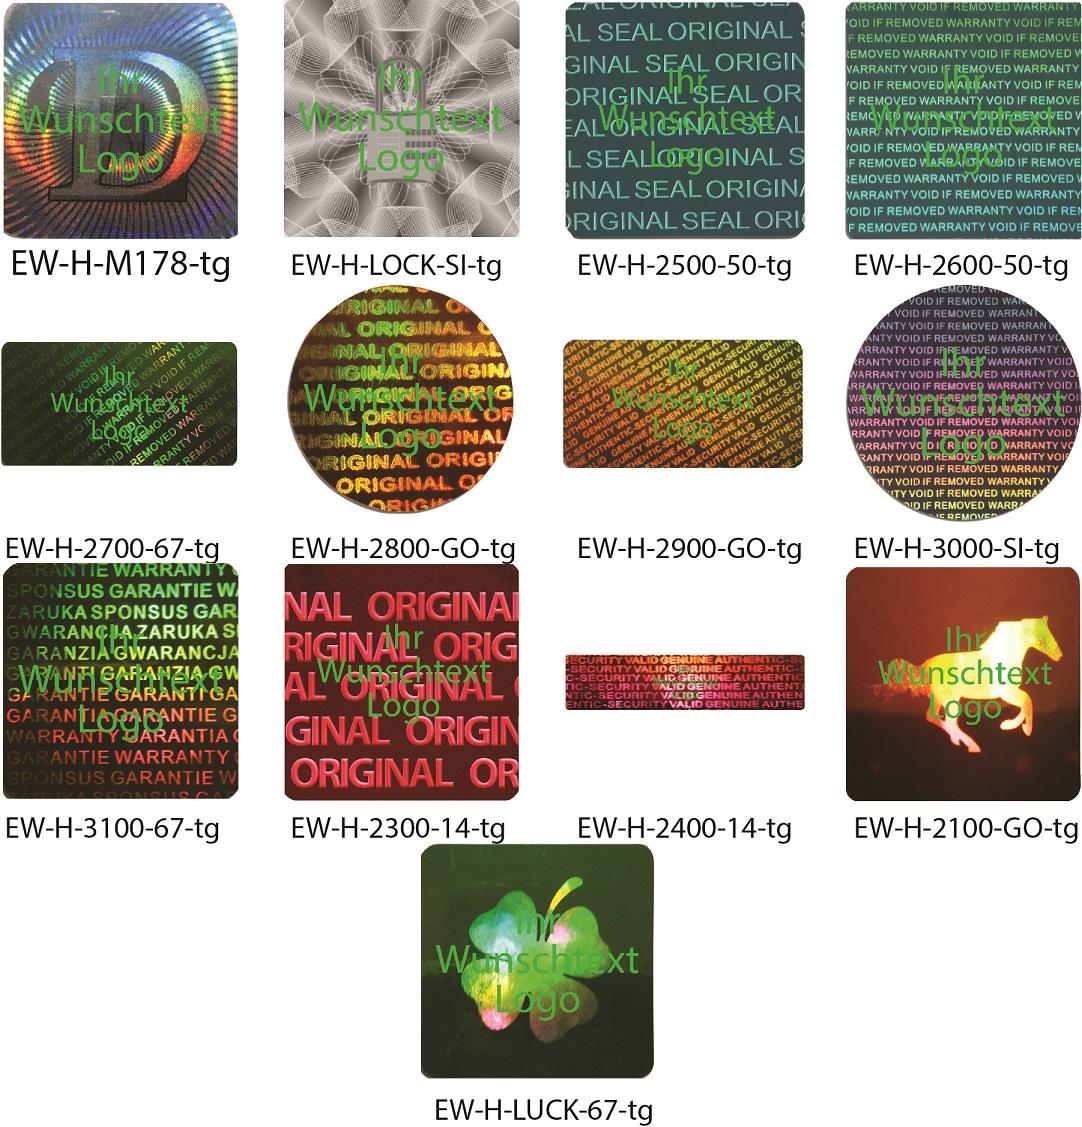 Hologramm-Aufkleber, Siegel Aufkleber, Hologramm Etikett, grün bedruckt von EW